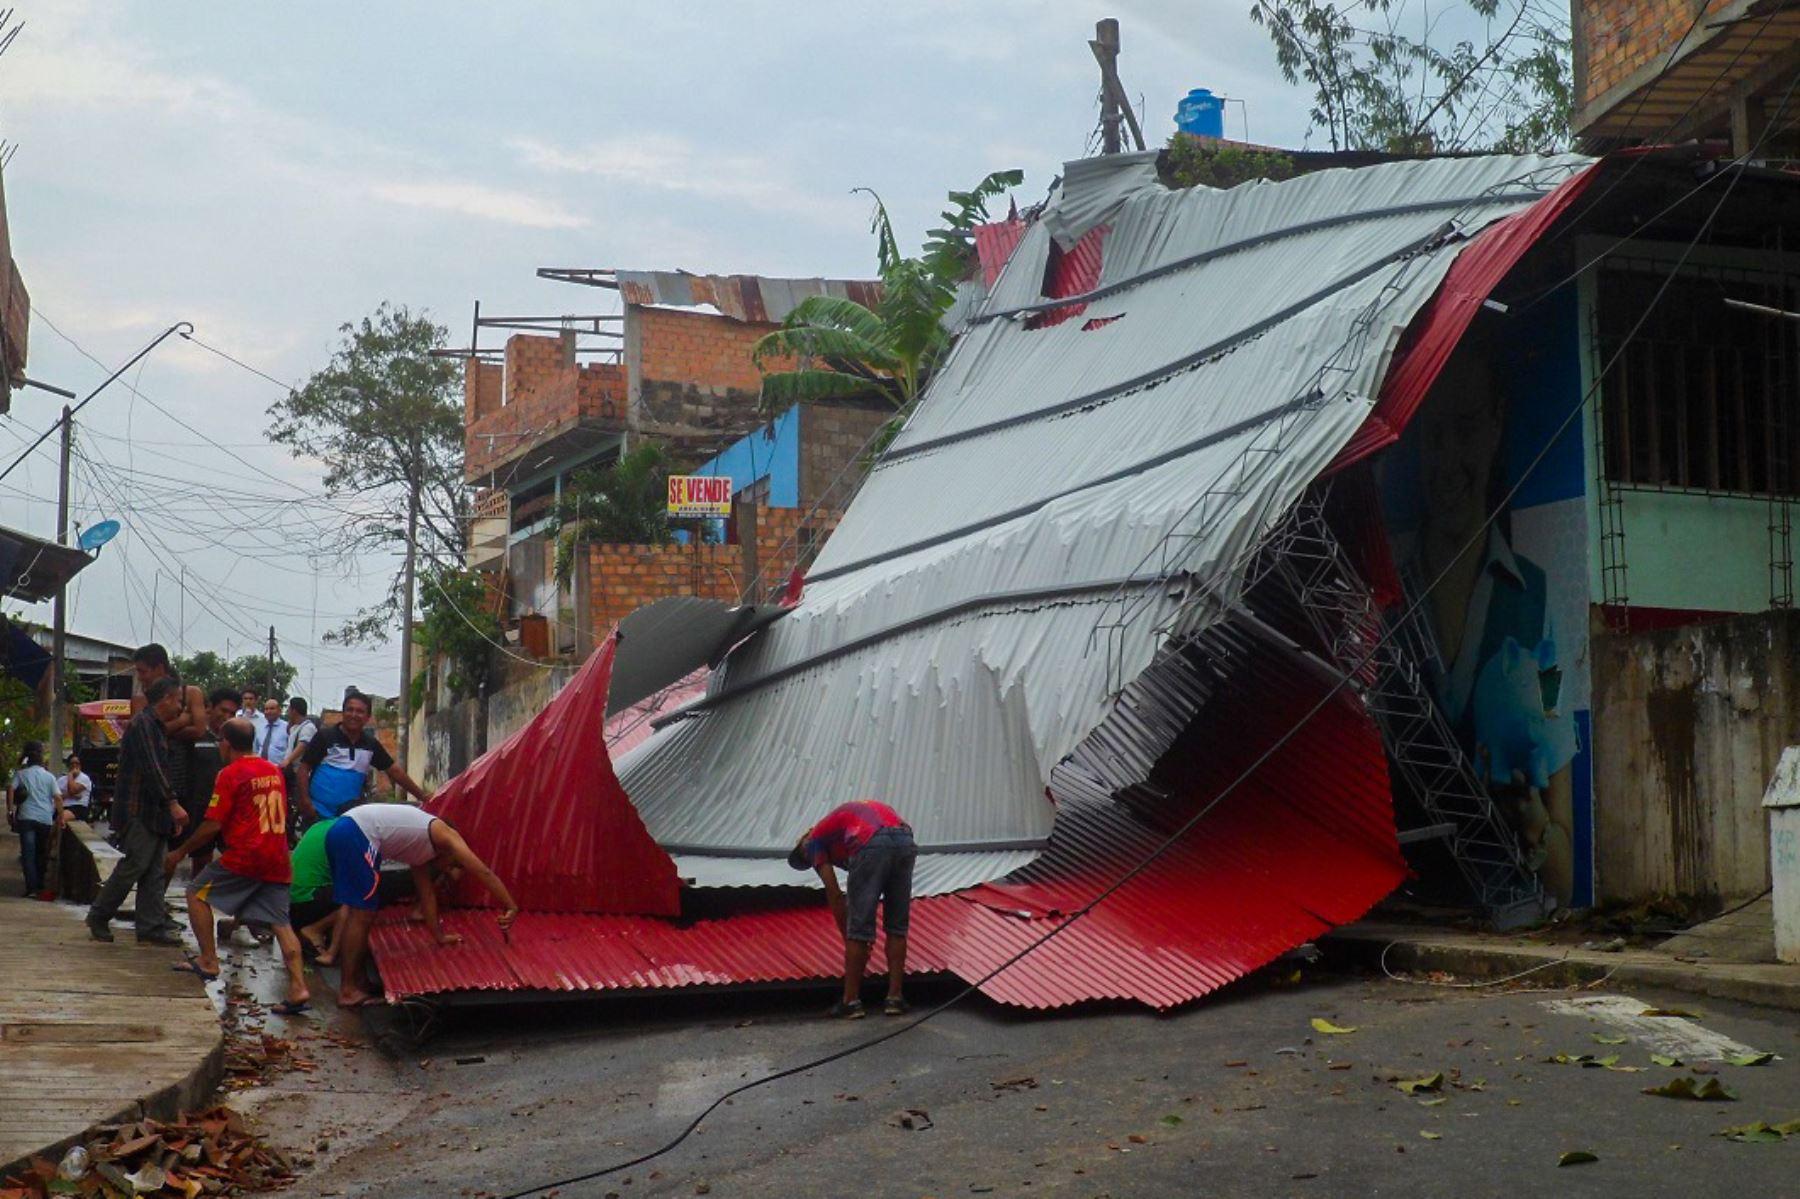 Fuerte calentamiento de temperatura en San Martín provocó vientos, lluvias y granizo en la región. ANDINA/Difusión